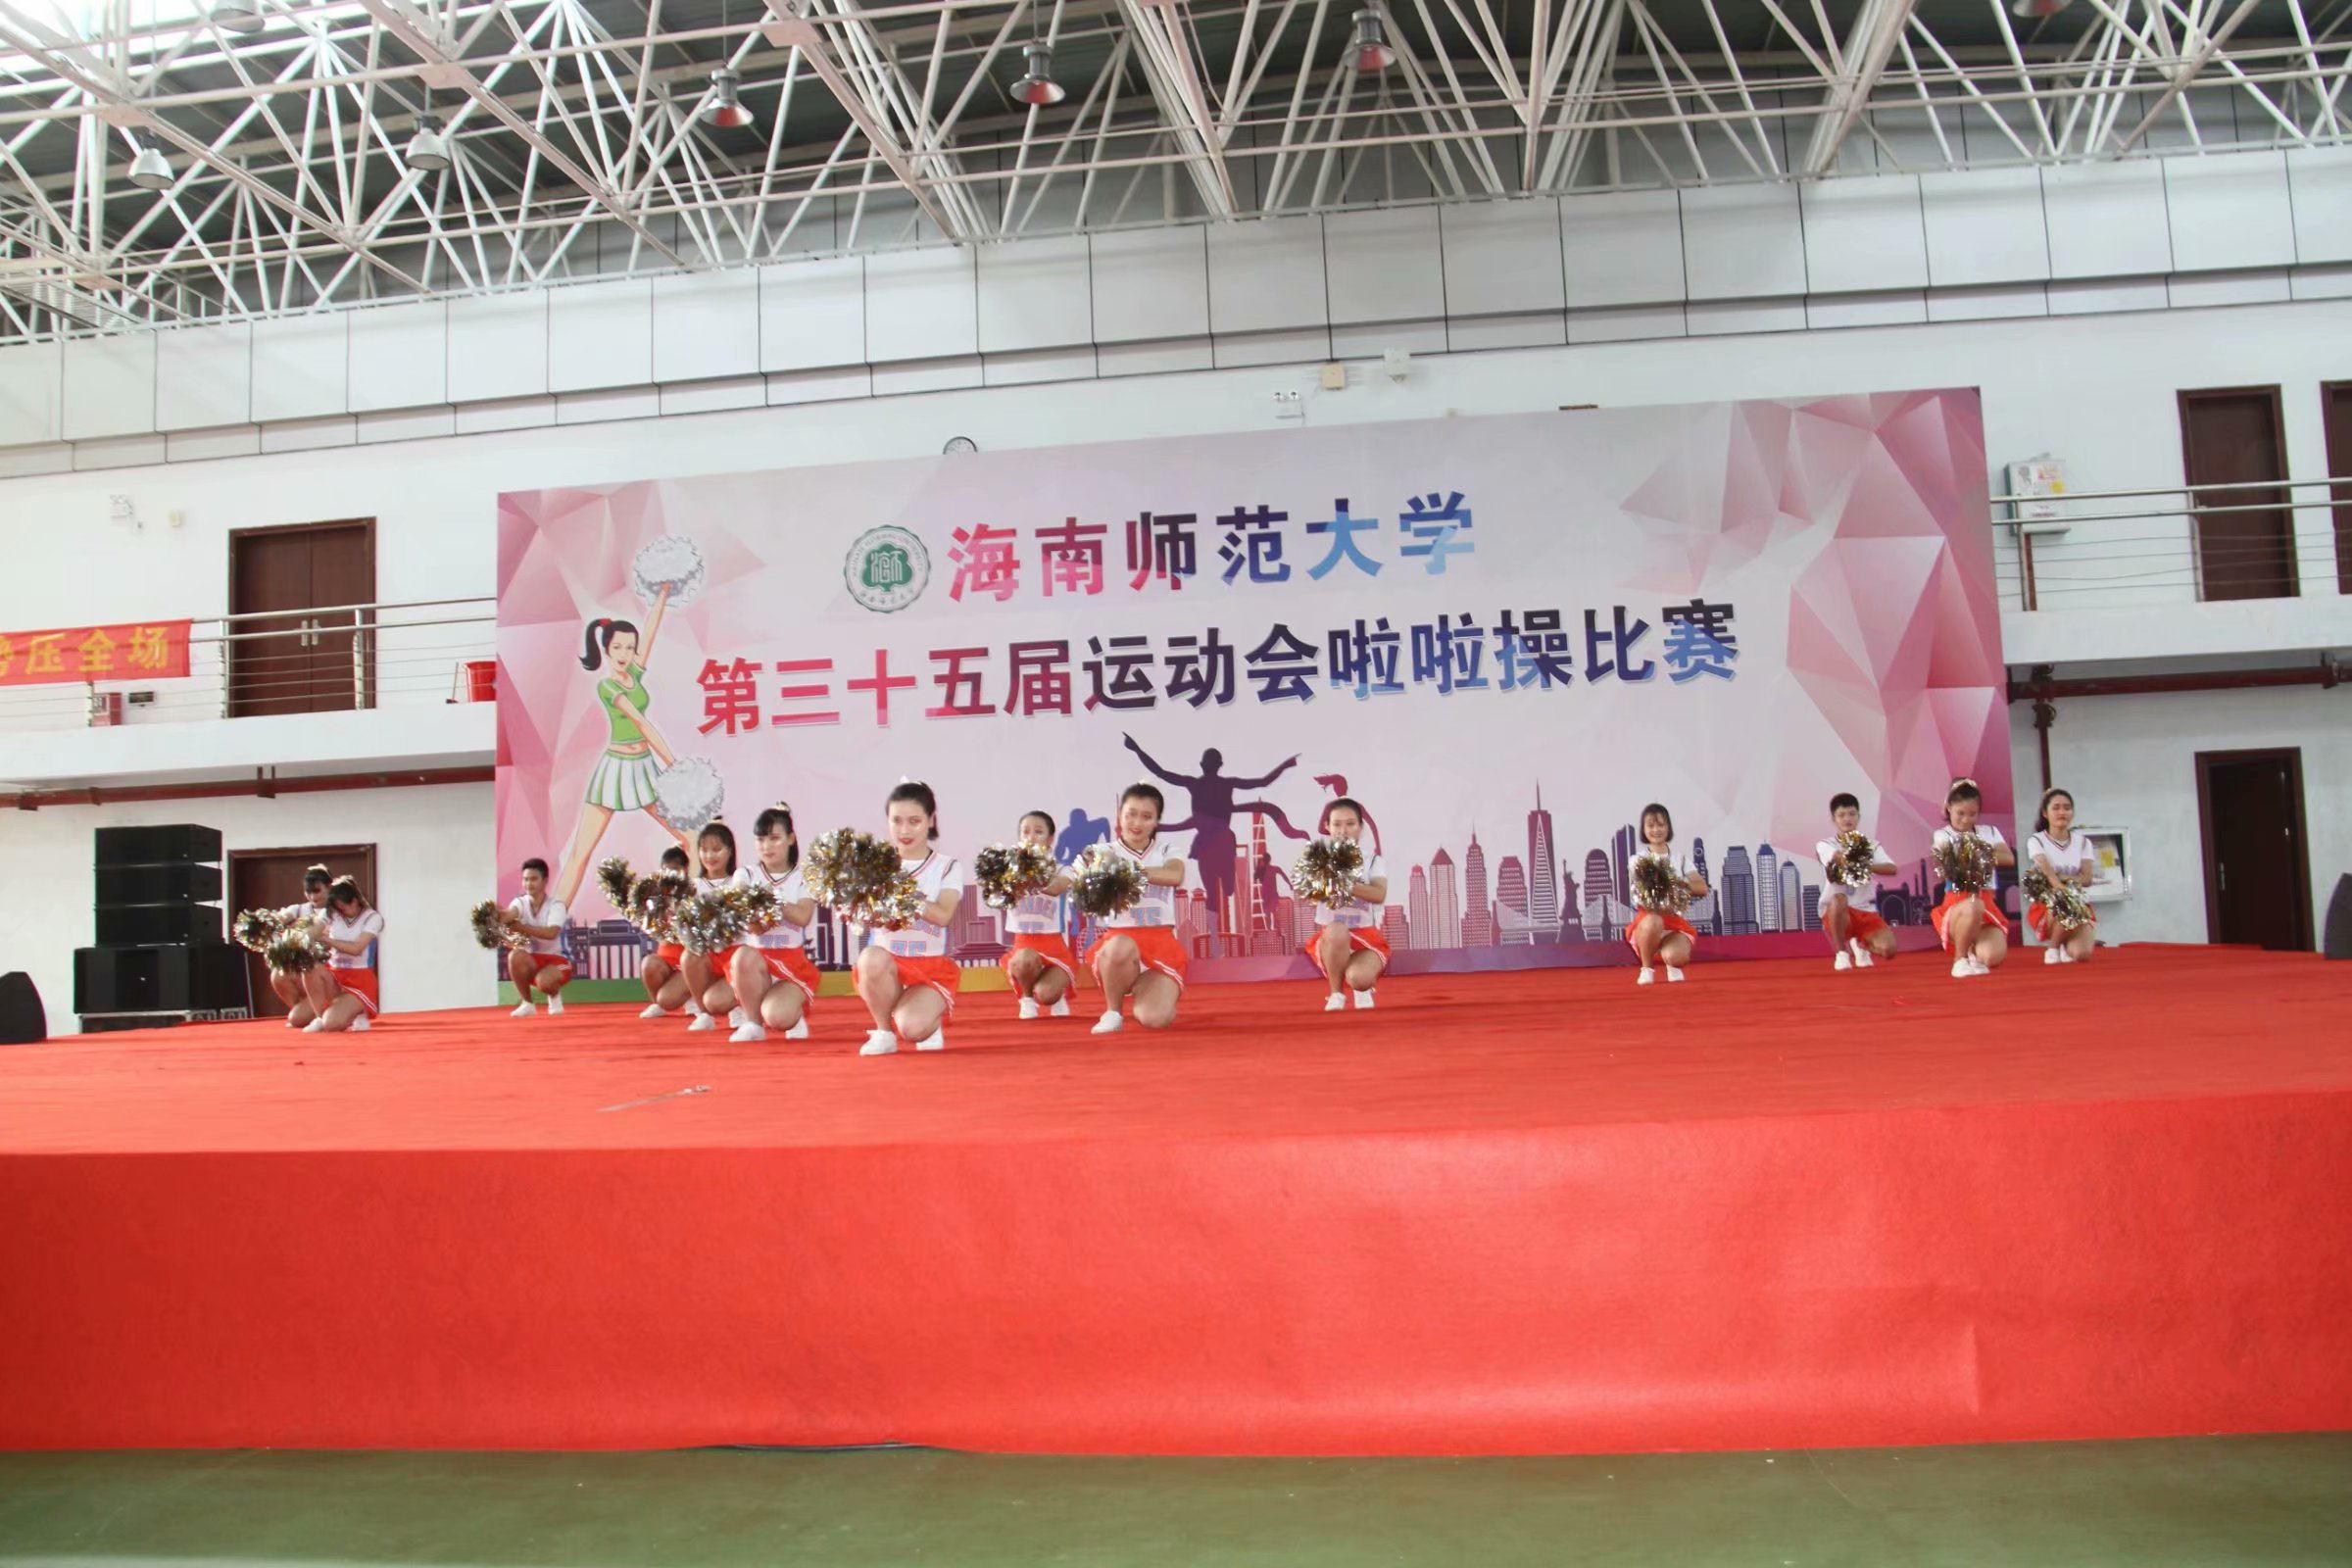 青年之声·活力似火燃烧,青春如花绽放---记马克思主义学院参加啦啦操大赛